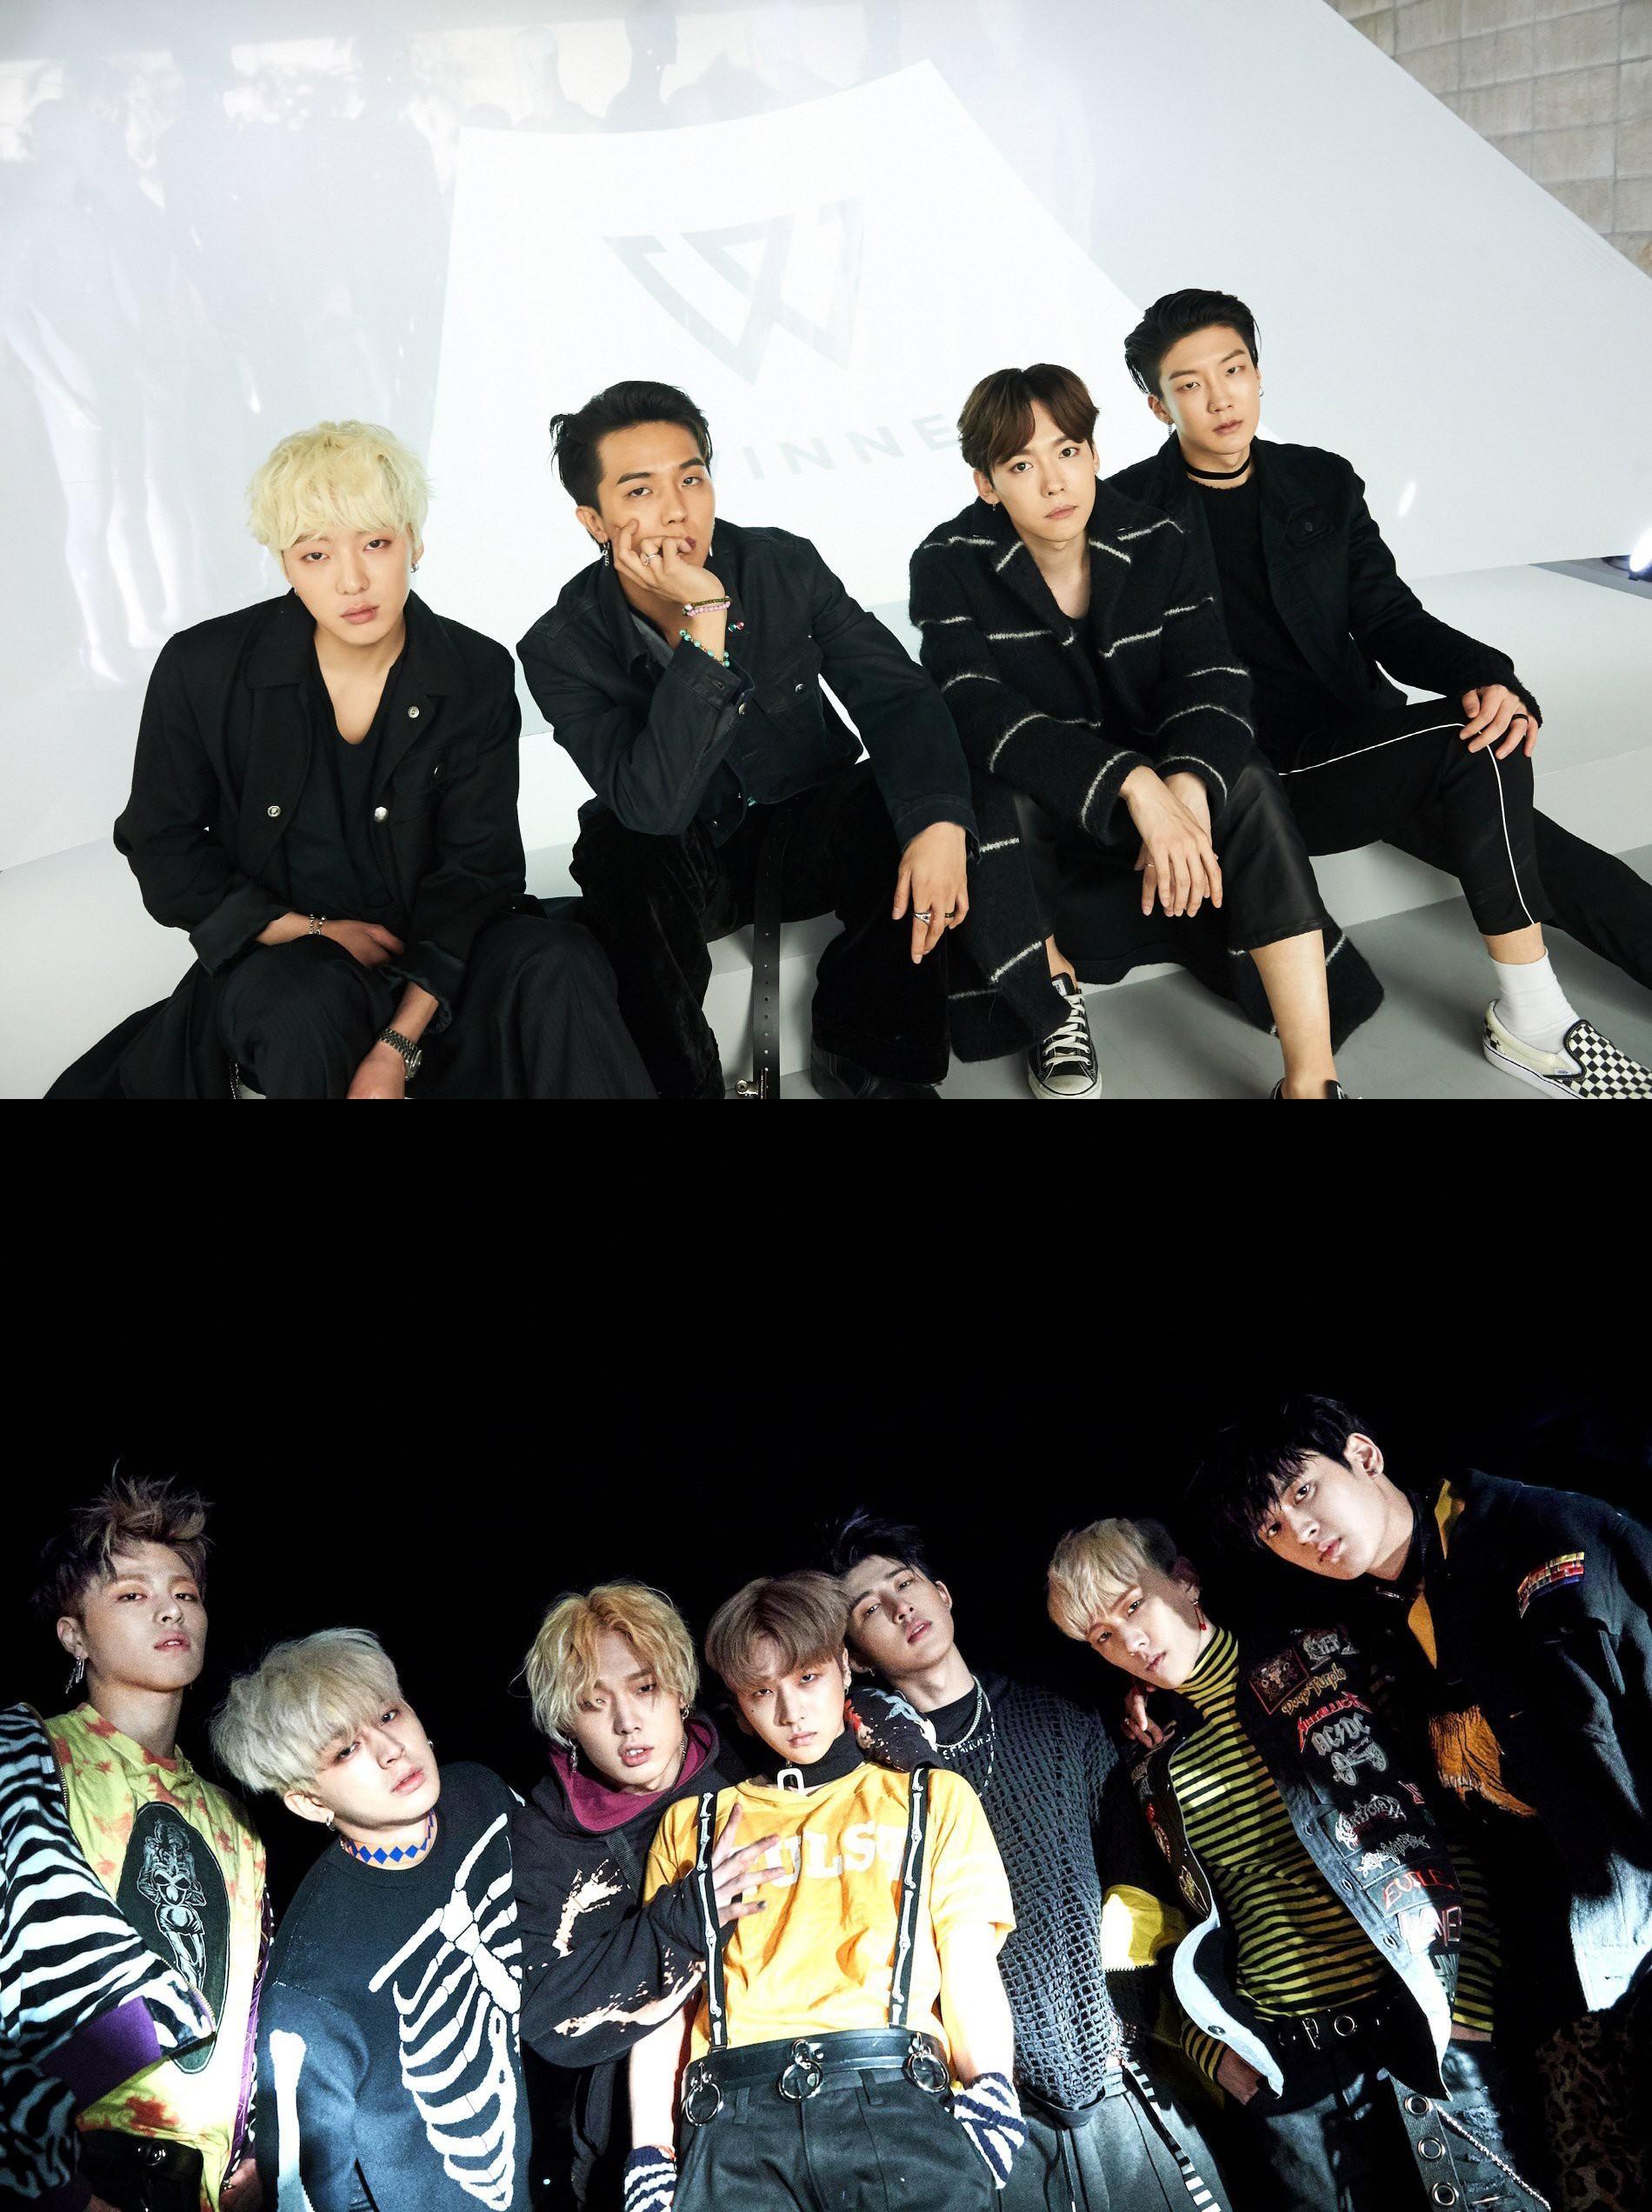 Chưa debut, fan nhóm nhạc nam mới nhà YG đã gây chiến với fandom của iKON và WINNER - Ảnh 2.